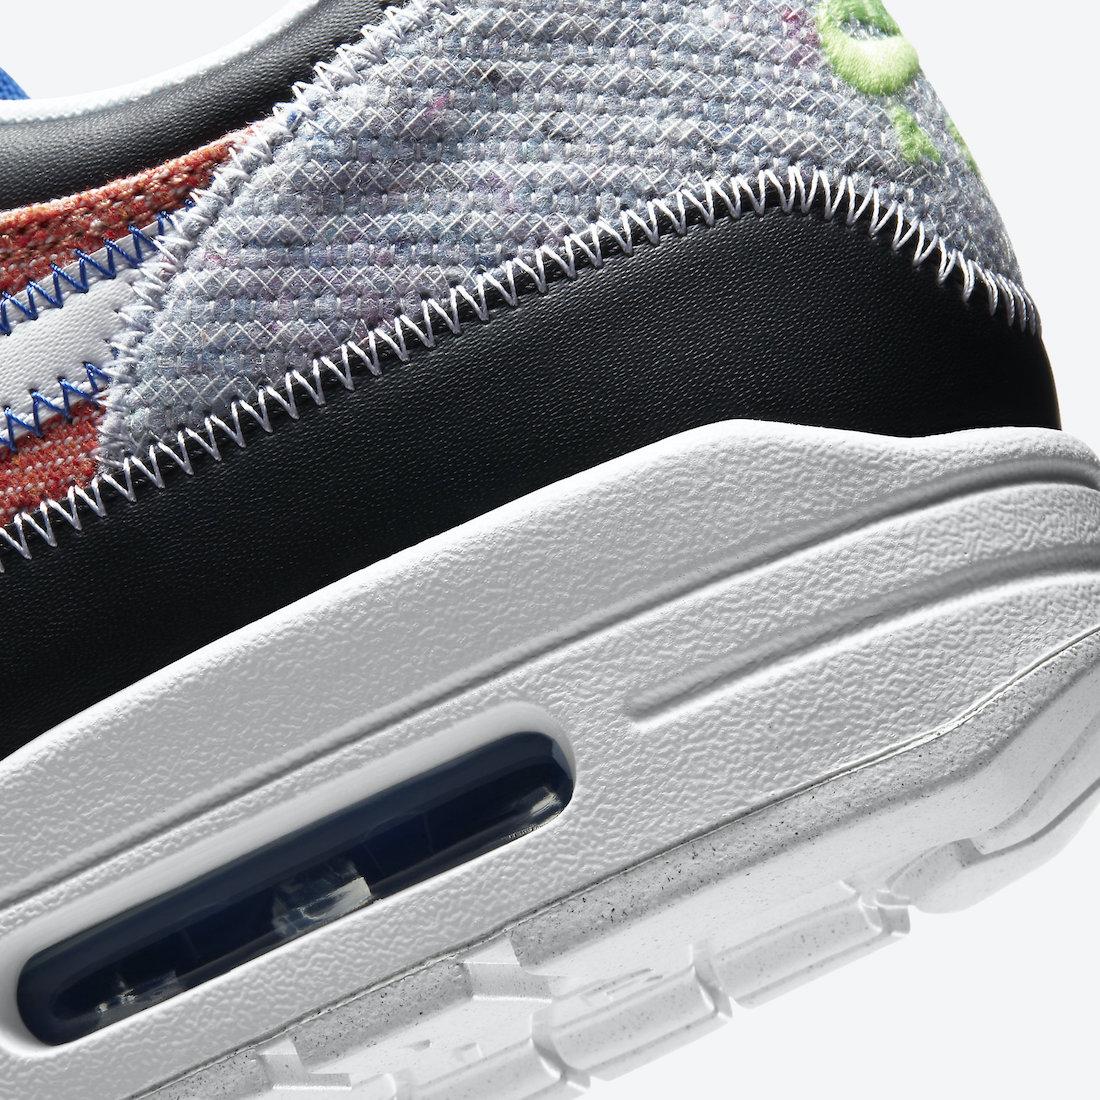 ナイキ エア マックス 1 リサイクルド パック Nike Air Max 1 NRG Rcycled Pack CT1643-100 heel